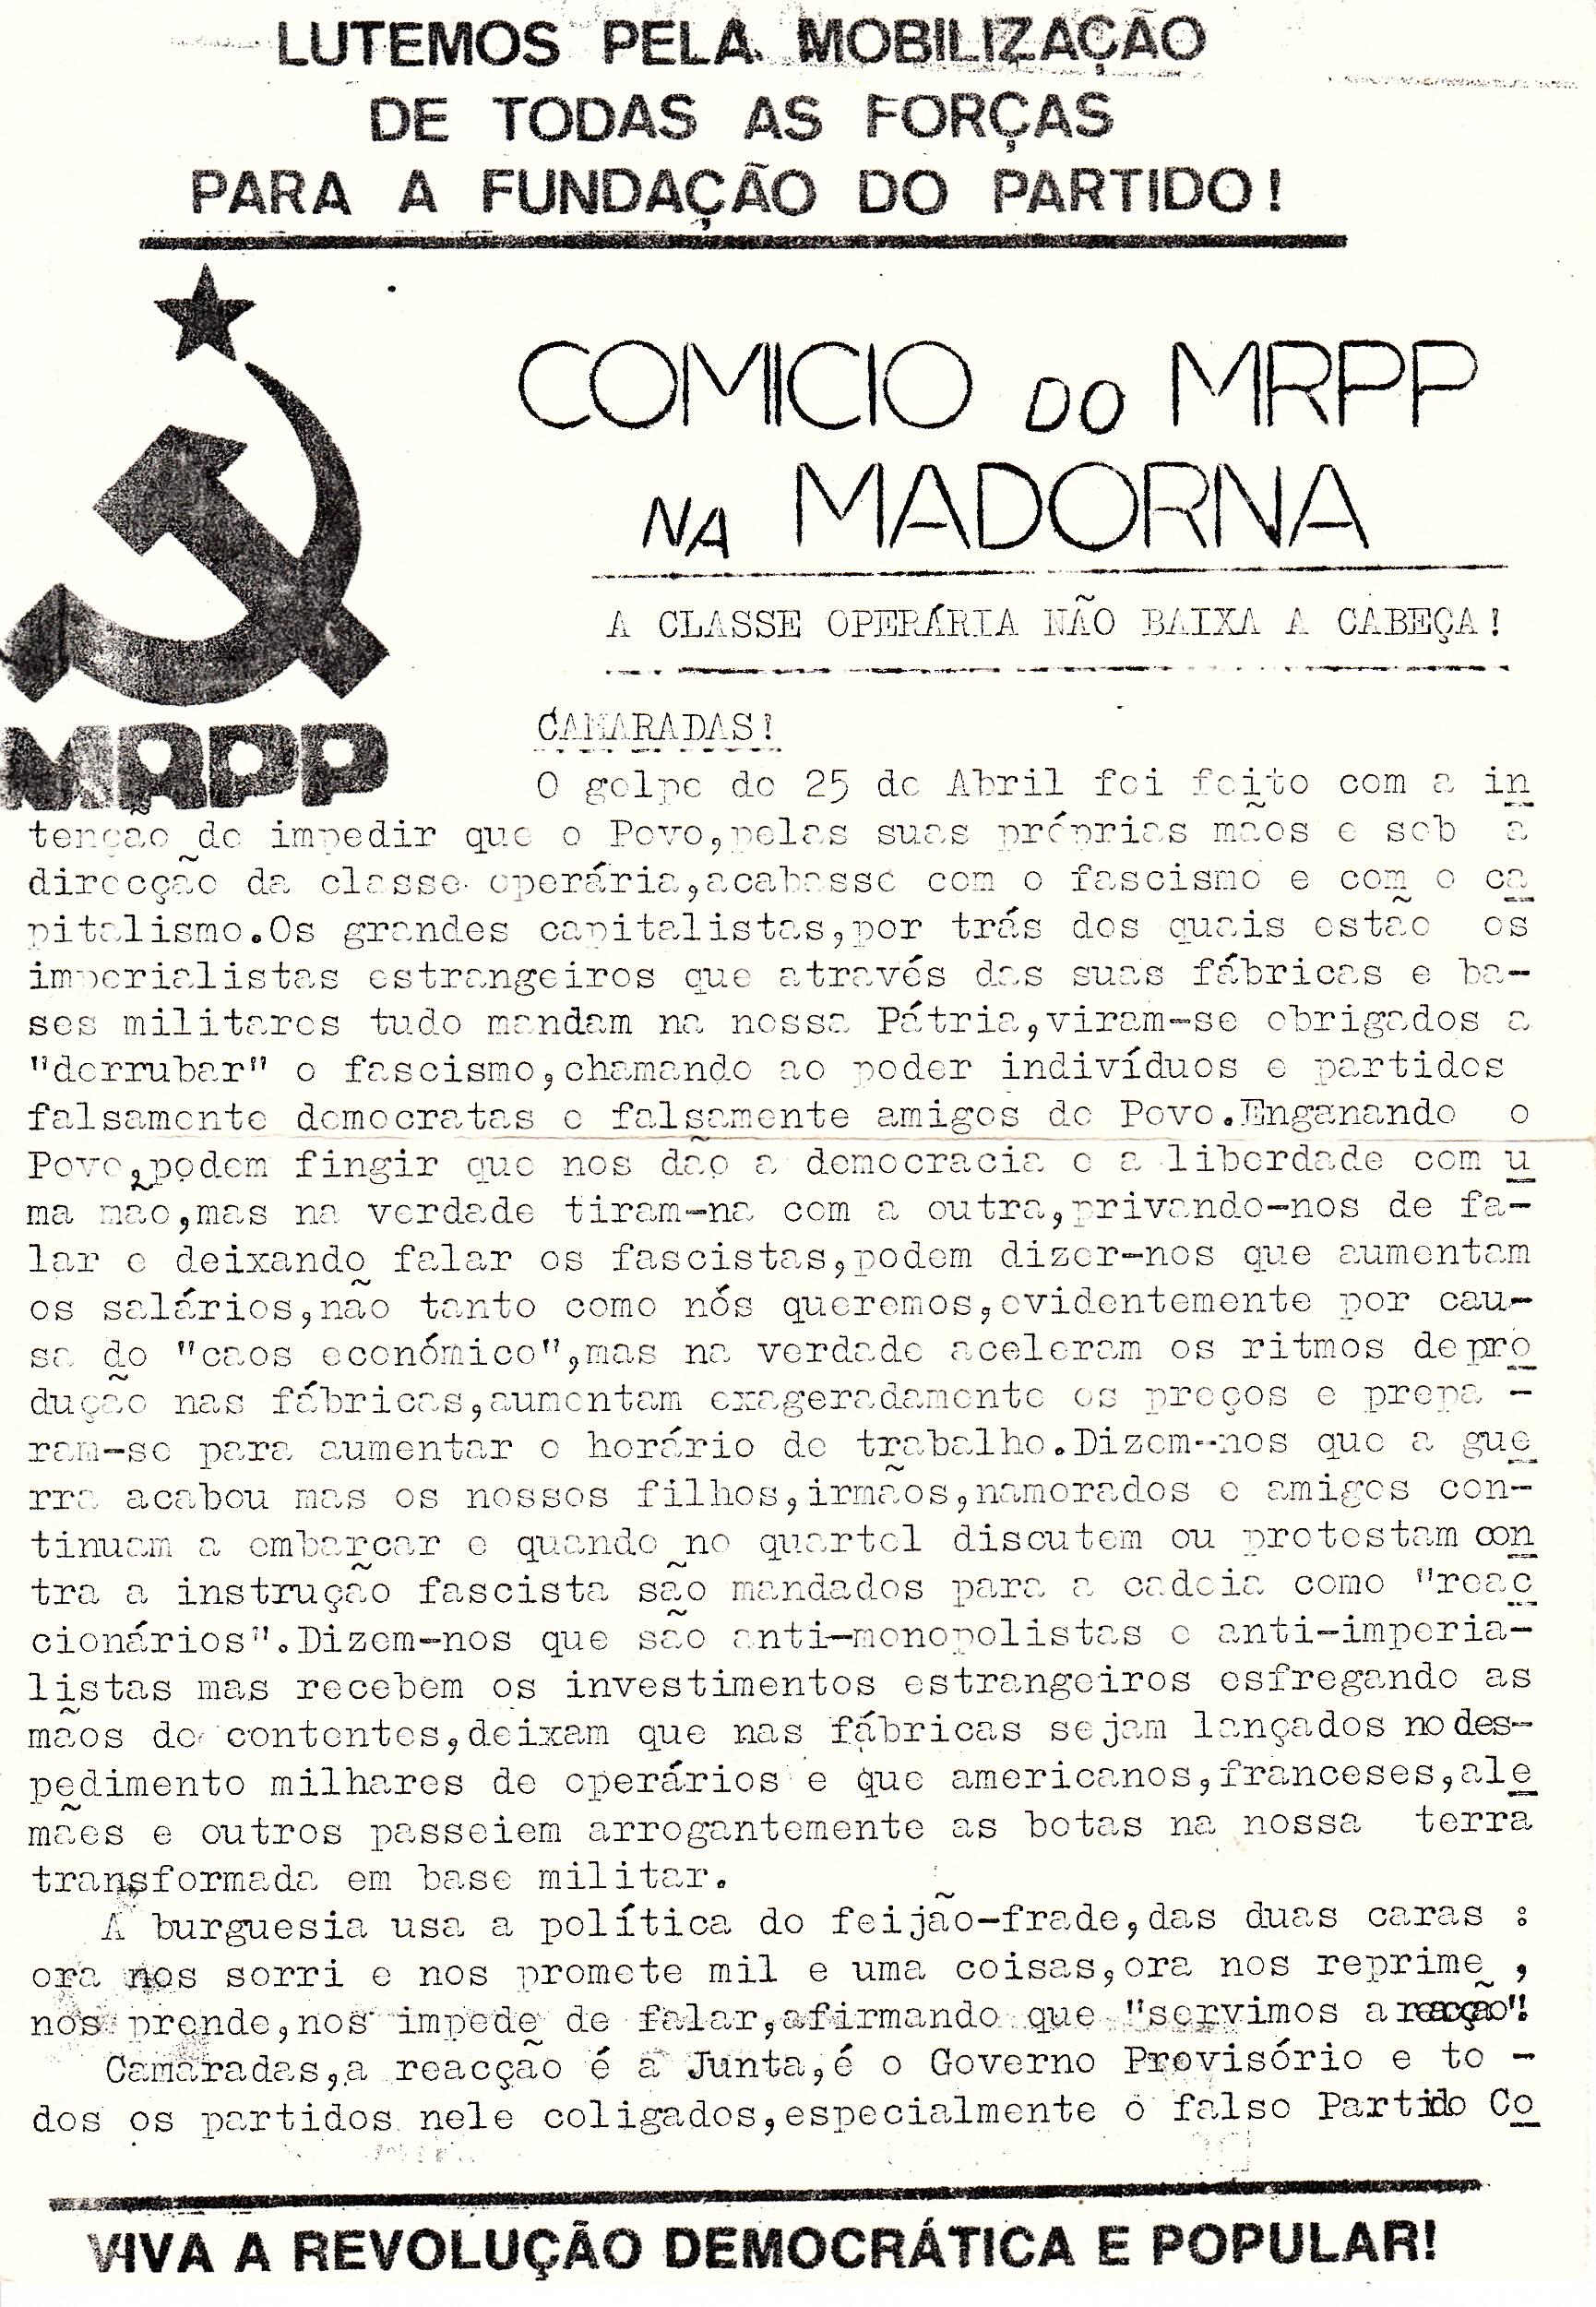 MRPP_1976_02_21_0001